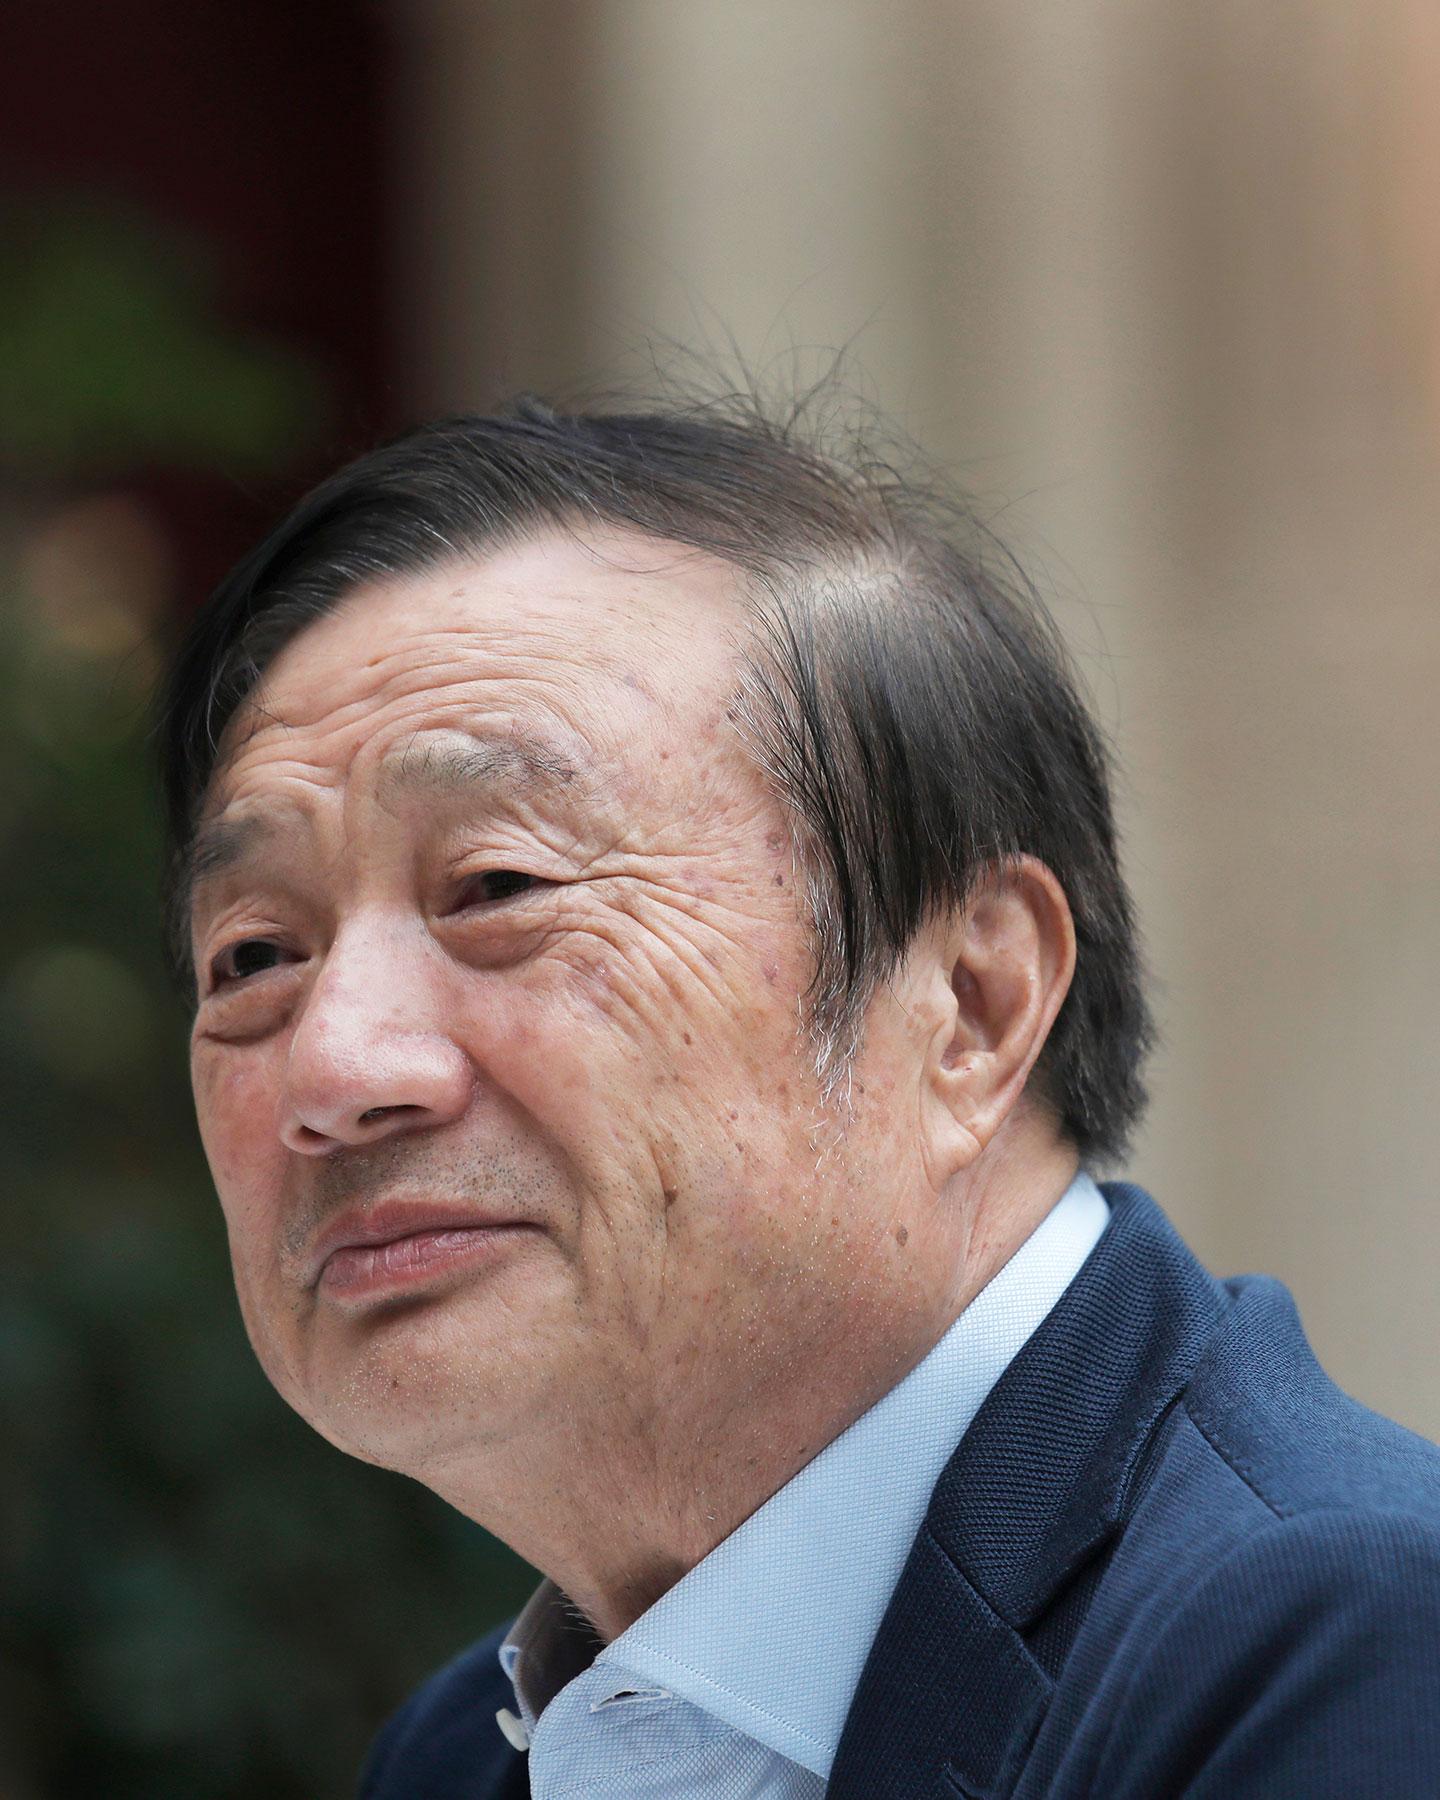 Ren Zhengfei, founder and CEO of Huawei